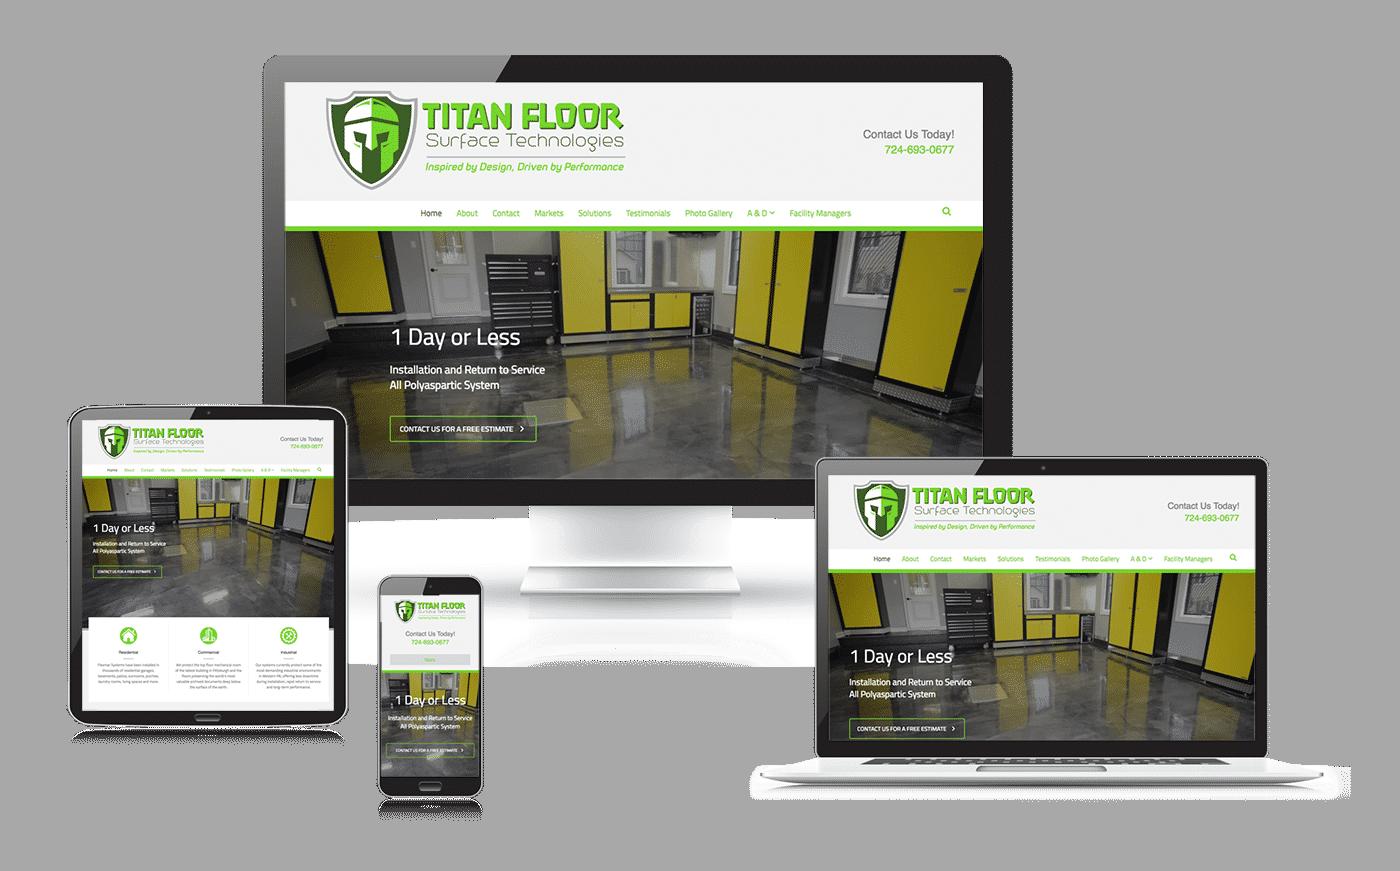 Titan Floor website